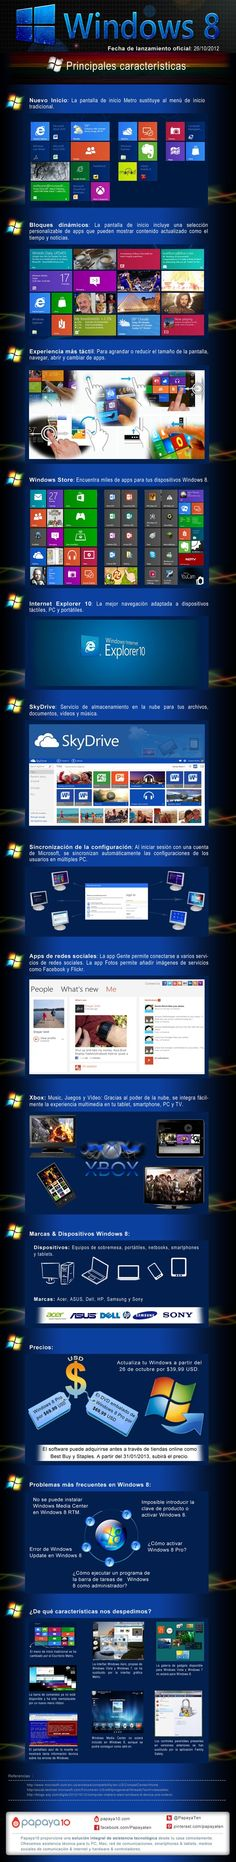 Las principales características de Windows 8 [Infografía]